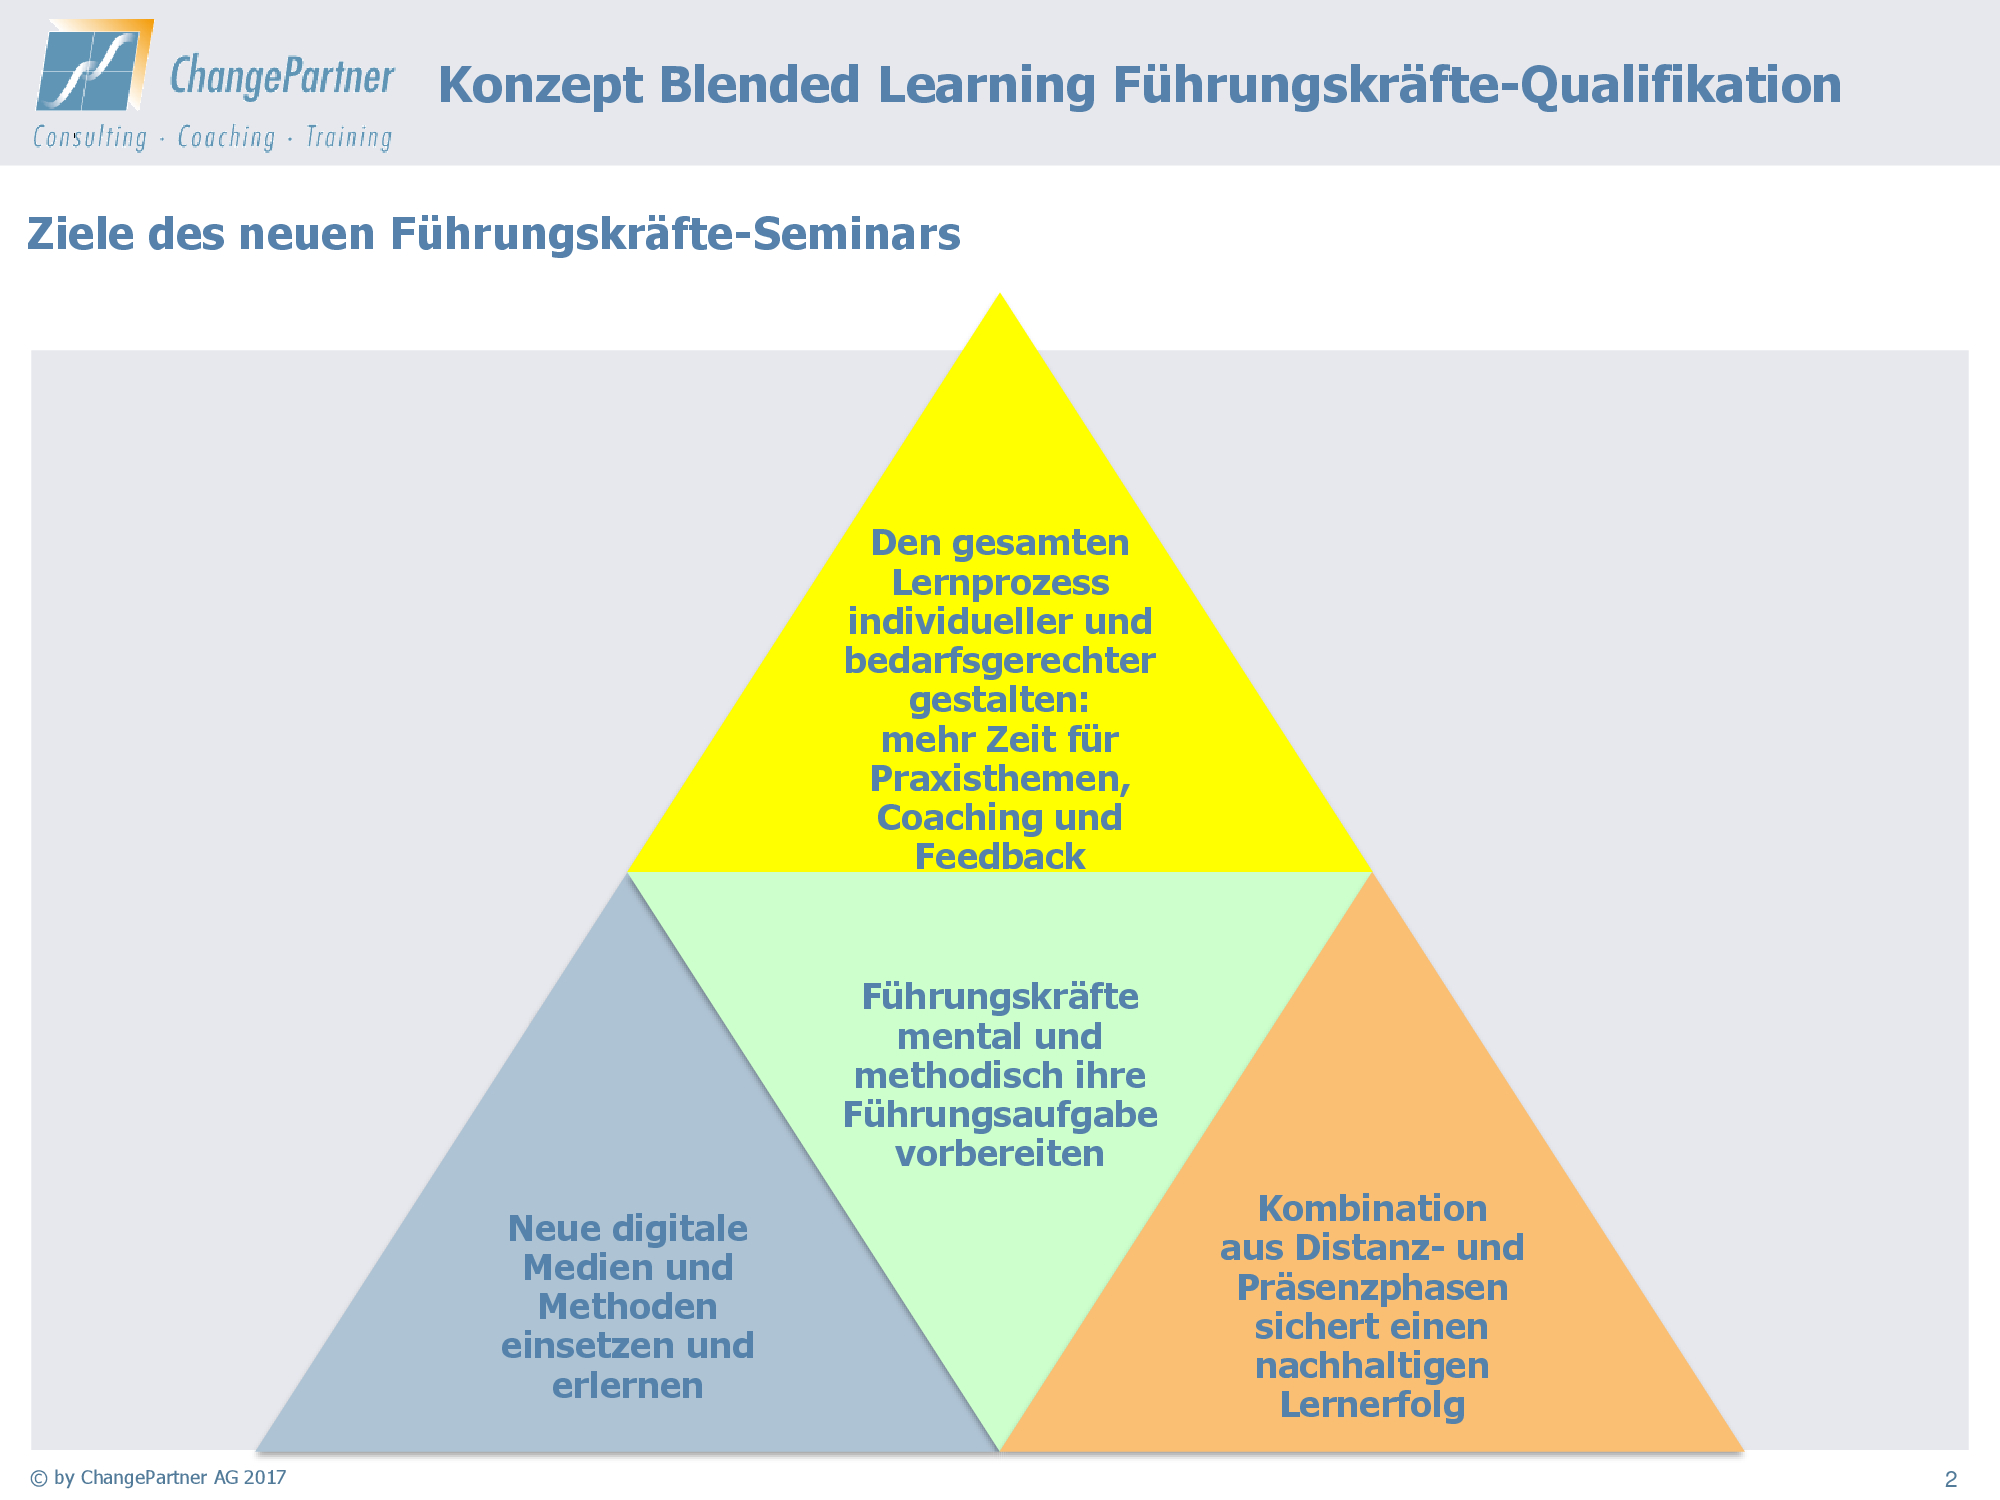 Die Ziele des Führungskräfte-Seminarss in Form einer Pyraminde dargestellt